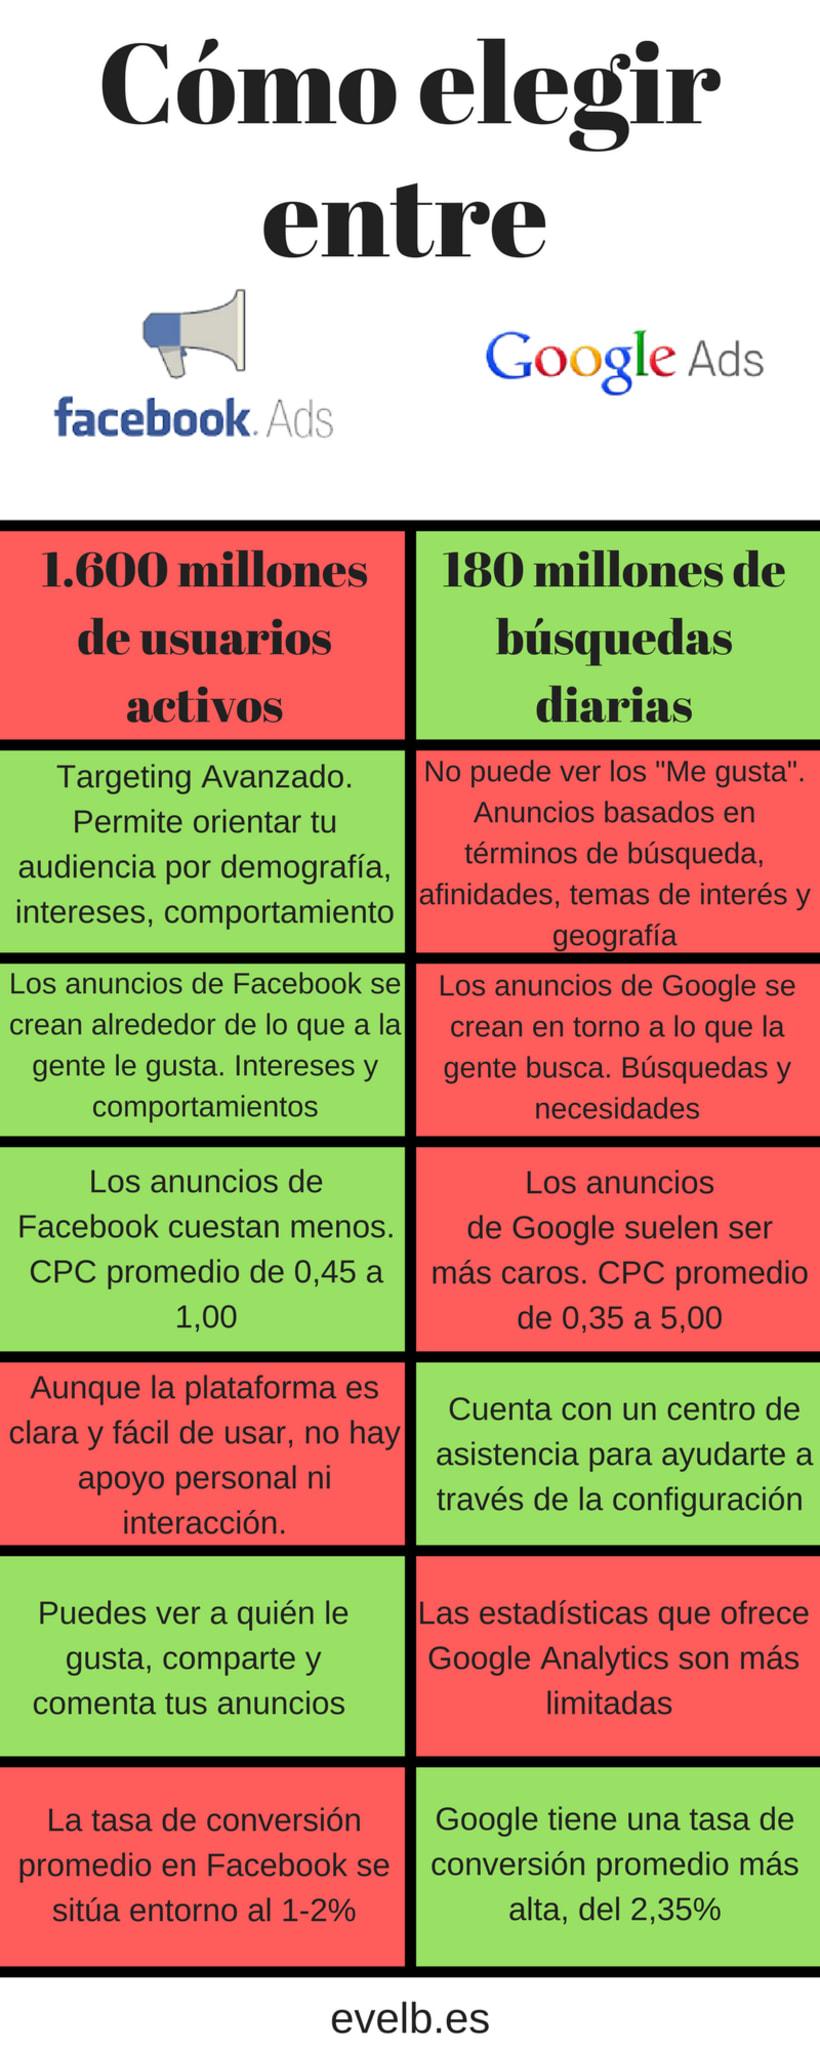 Infografías evelb.es 28